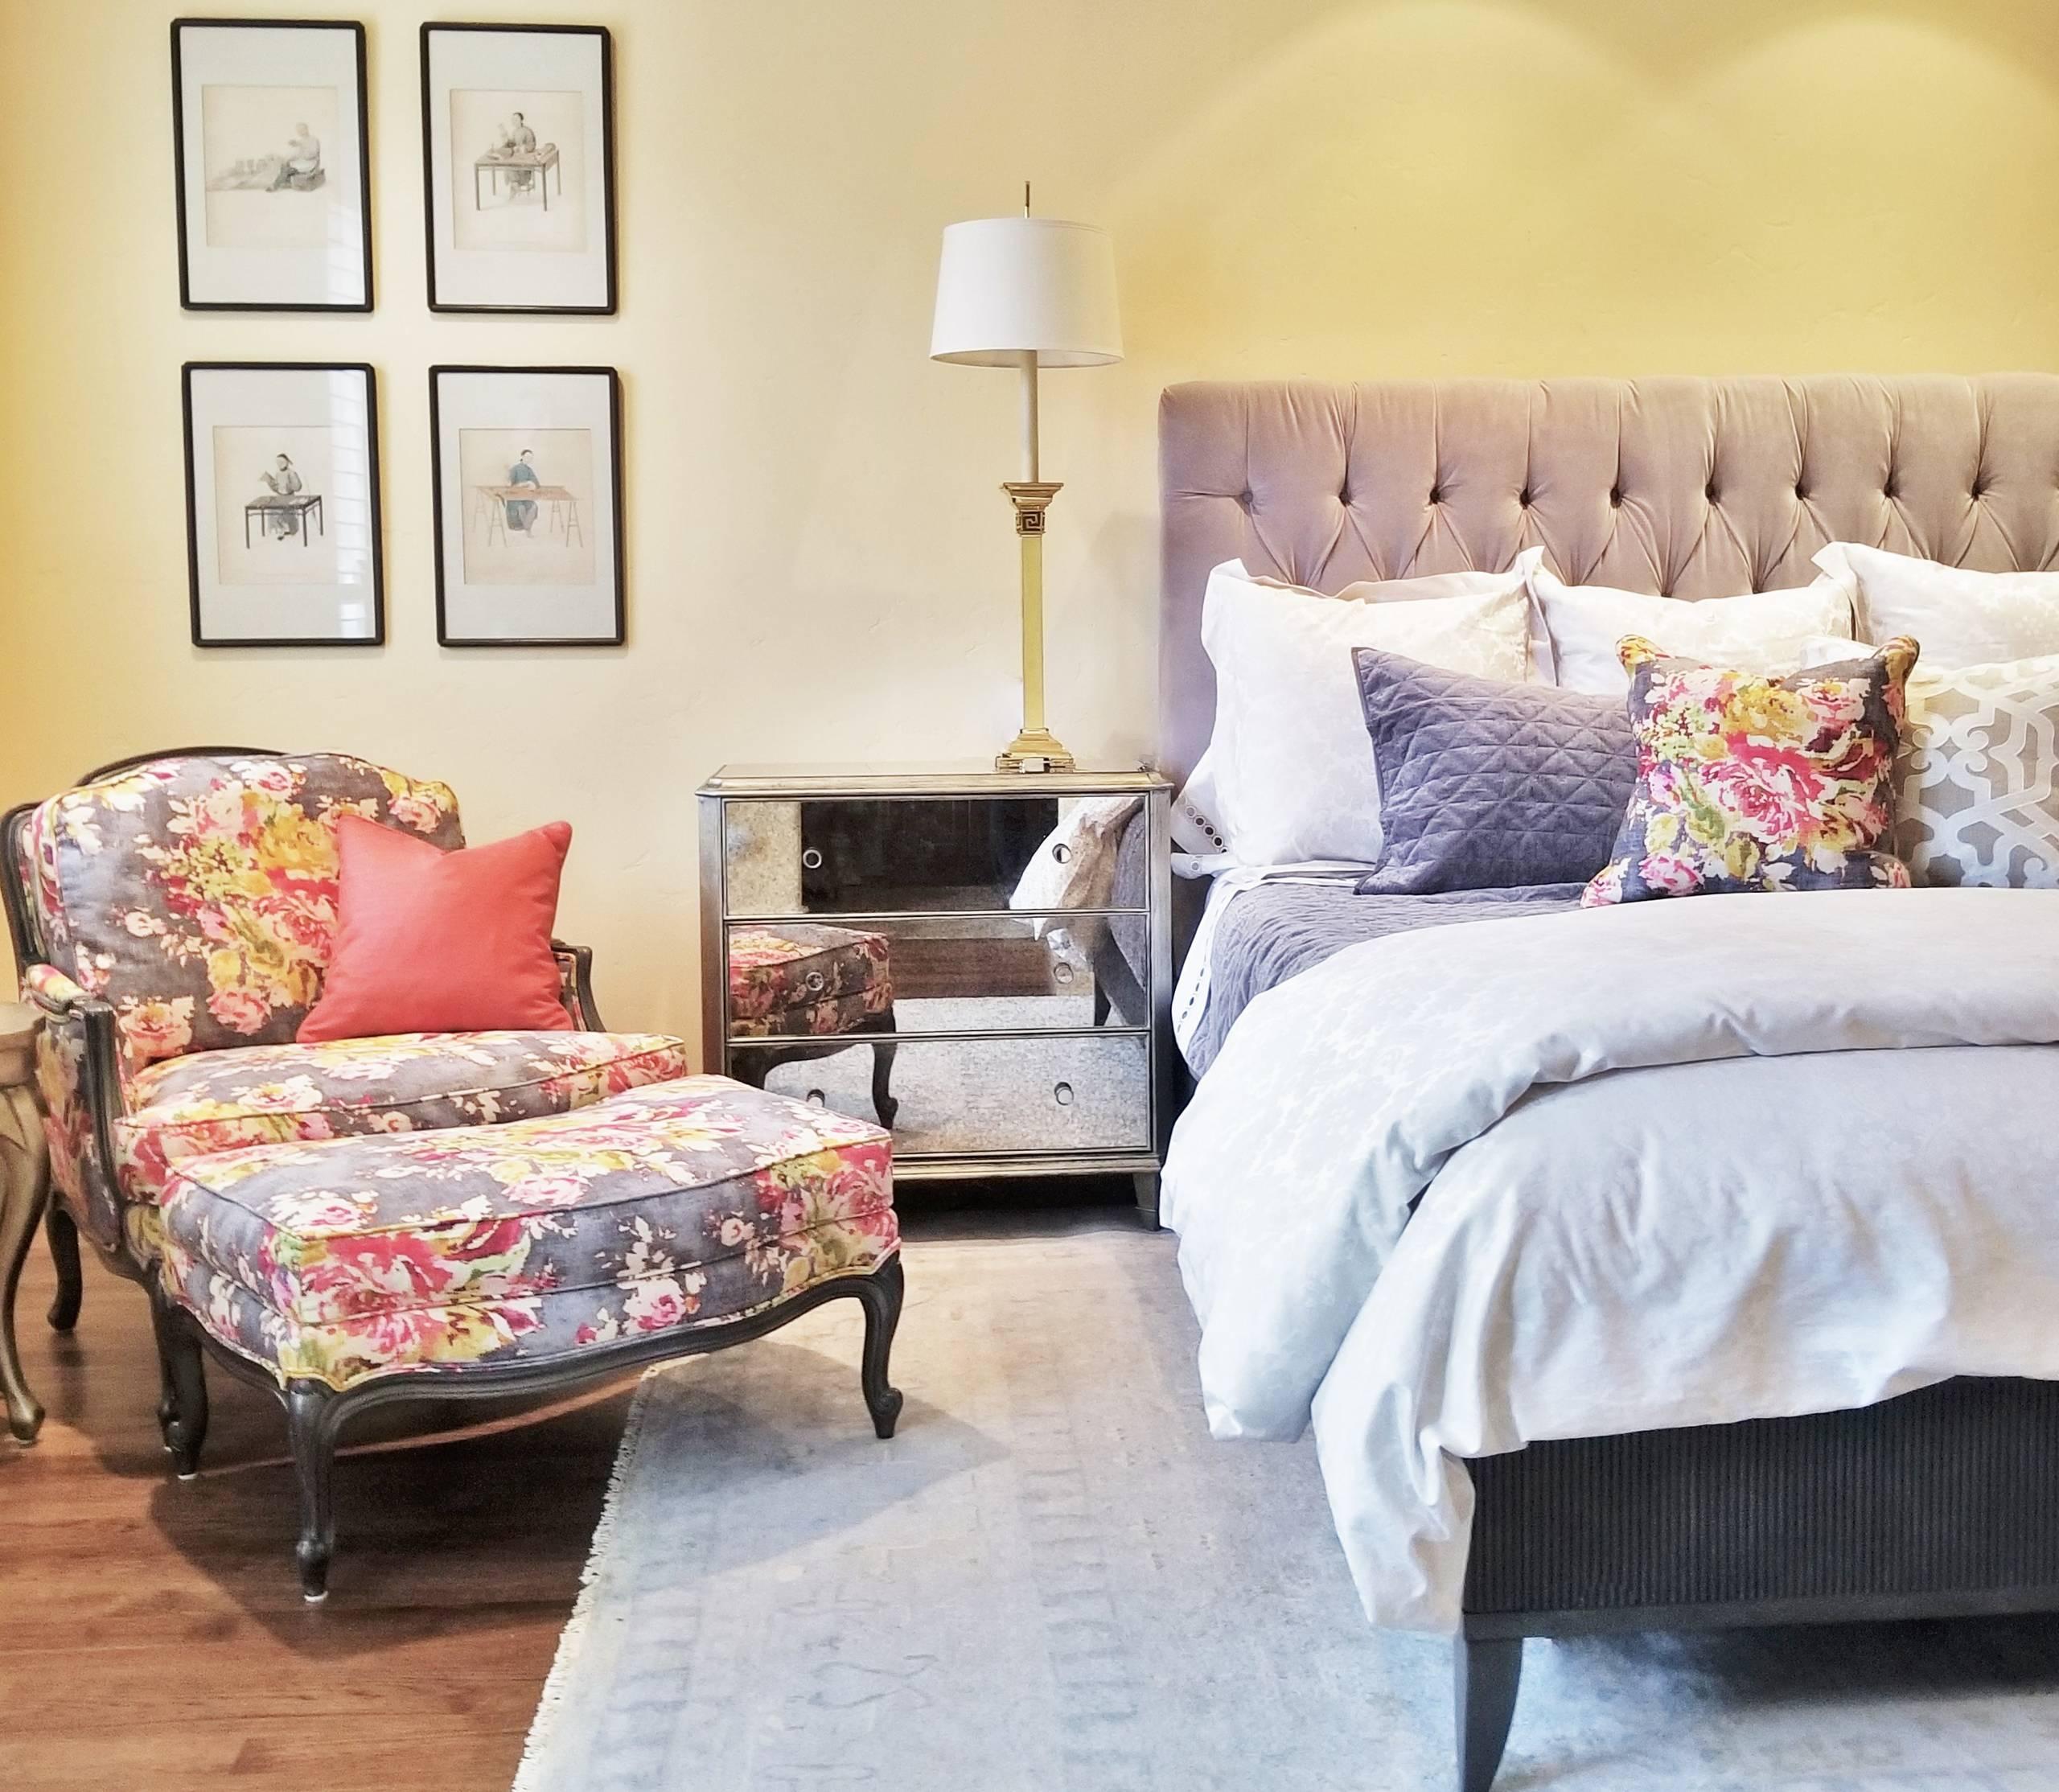 Даже при большом количестве мебели, спальни арт-деко не смотрятся перегруженными